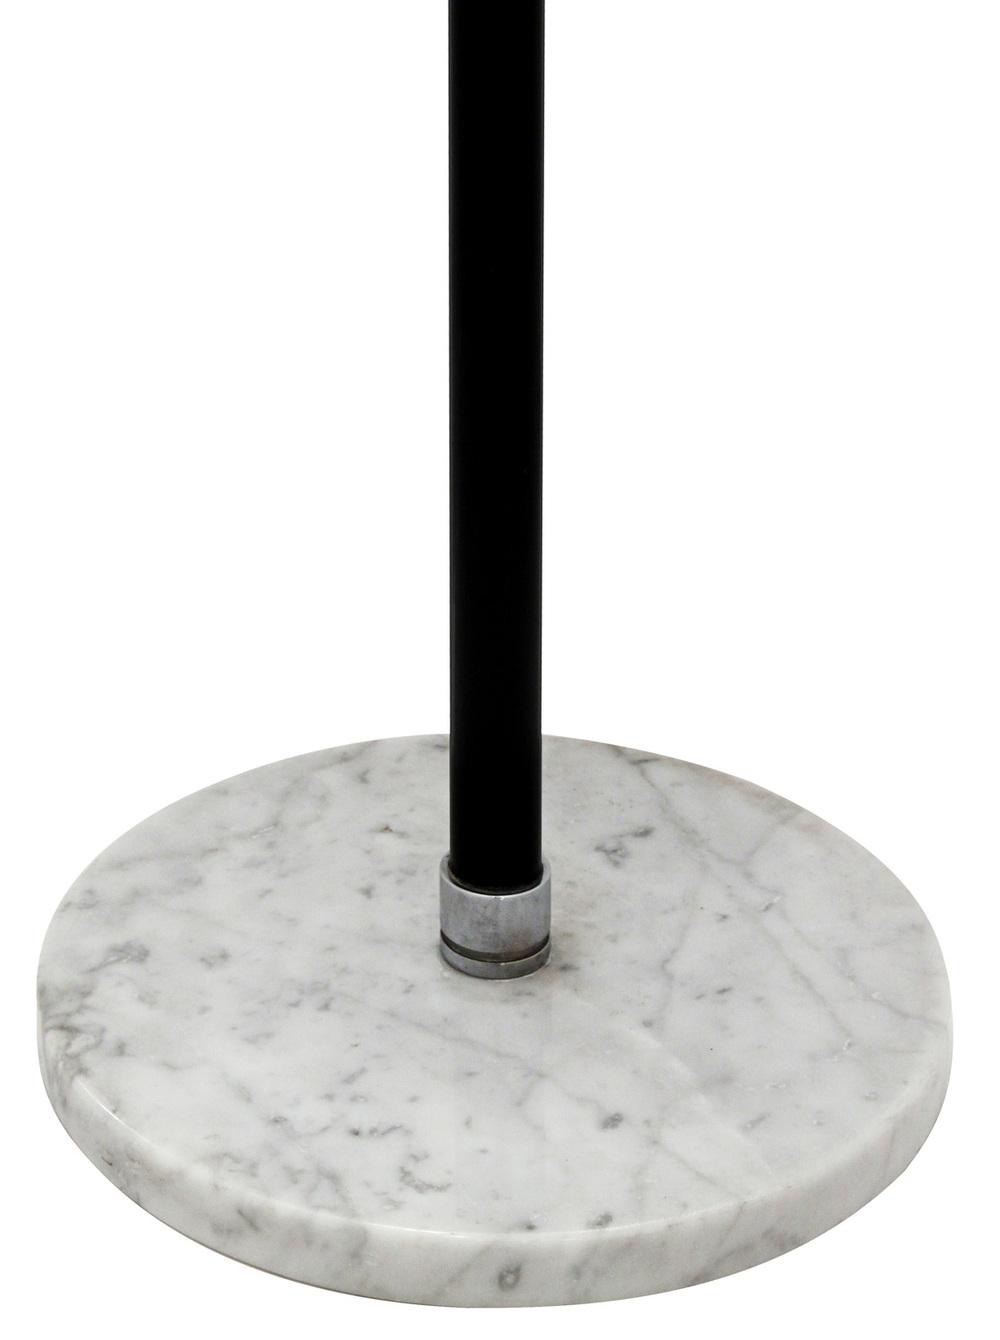 Arredoluce 95 3 sphere mrbl base floorlamp168 detail2 hires.jpg